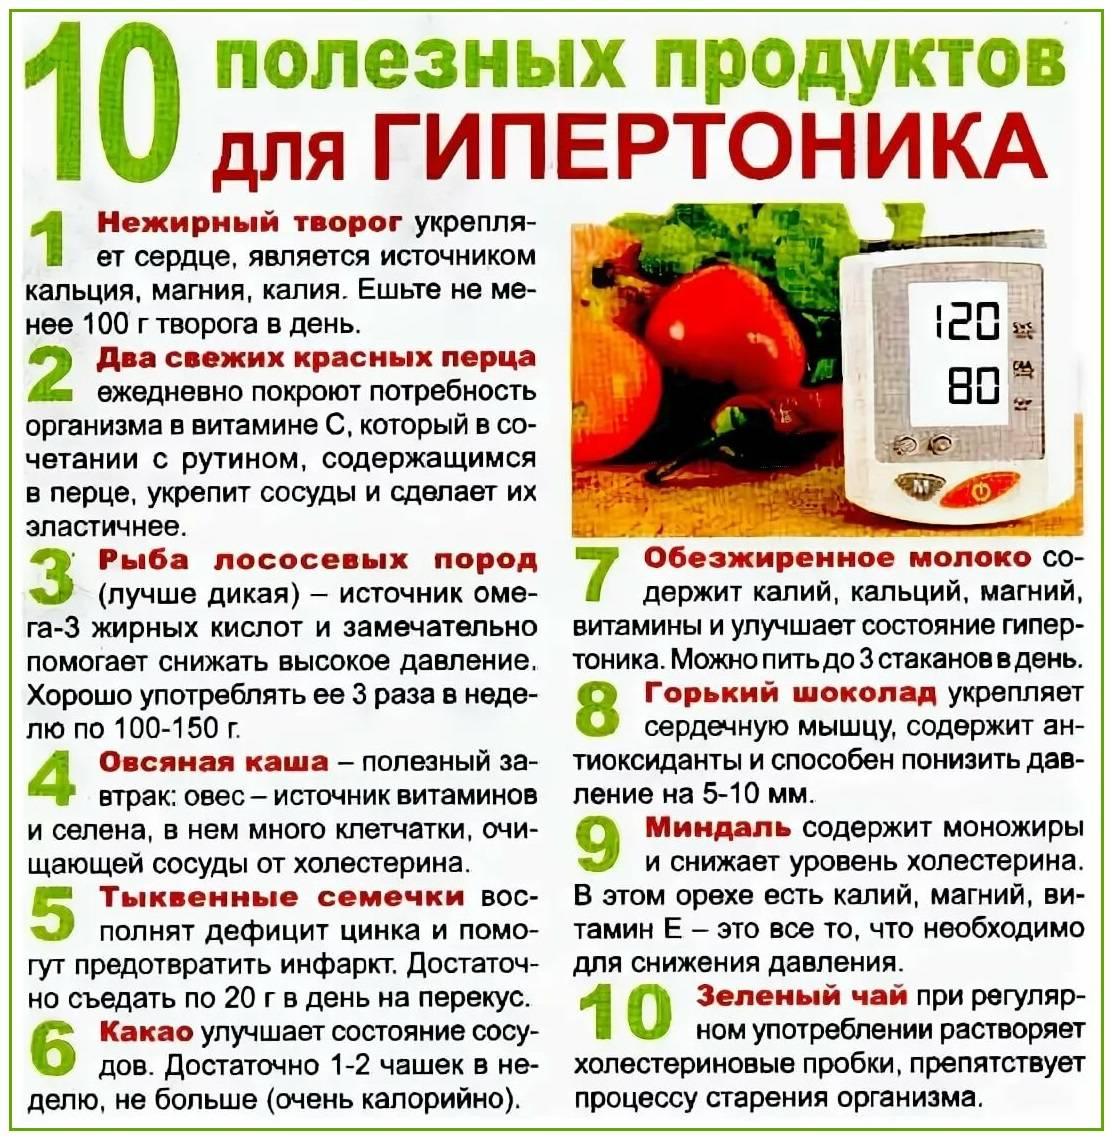 Продукты, понижающие давление: диета и таблица со списком лучших фруктов и овощей, быстро снижающих ад при гипертонии и в пожилом возрасте